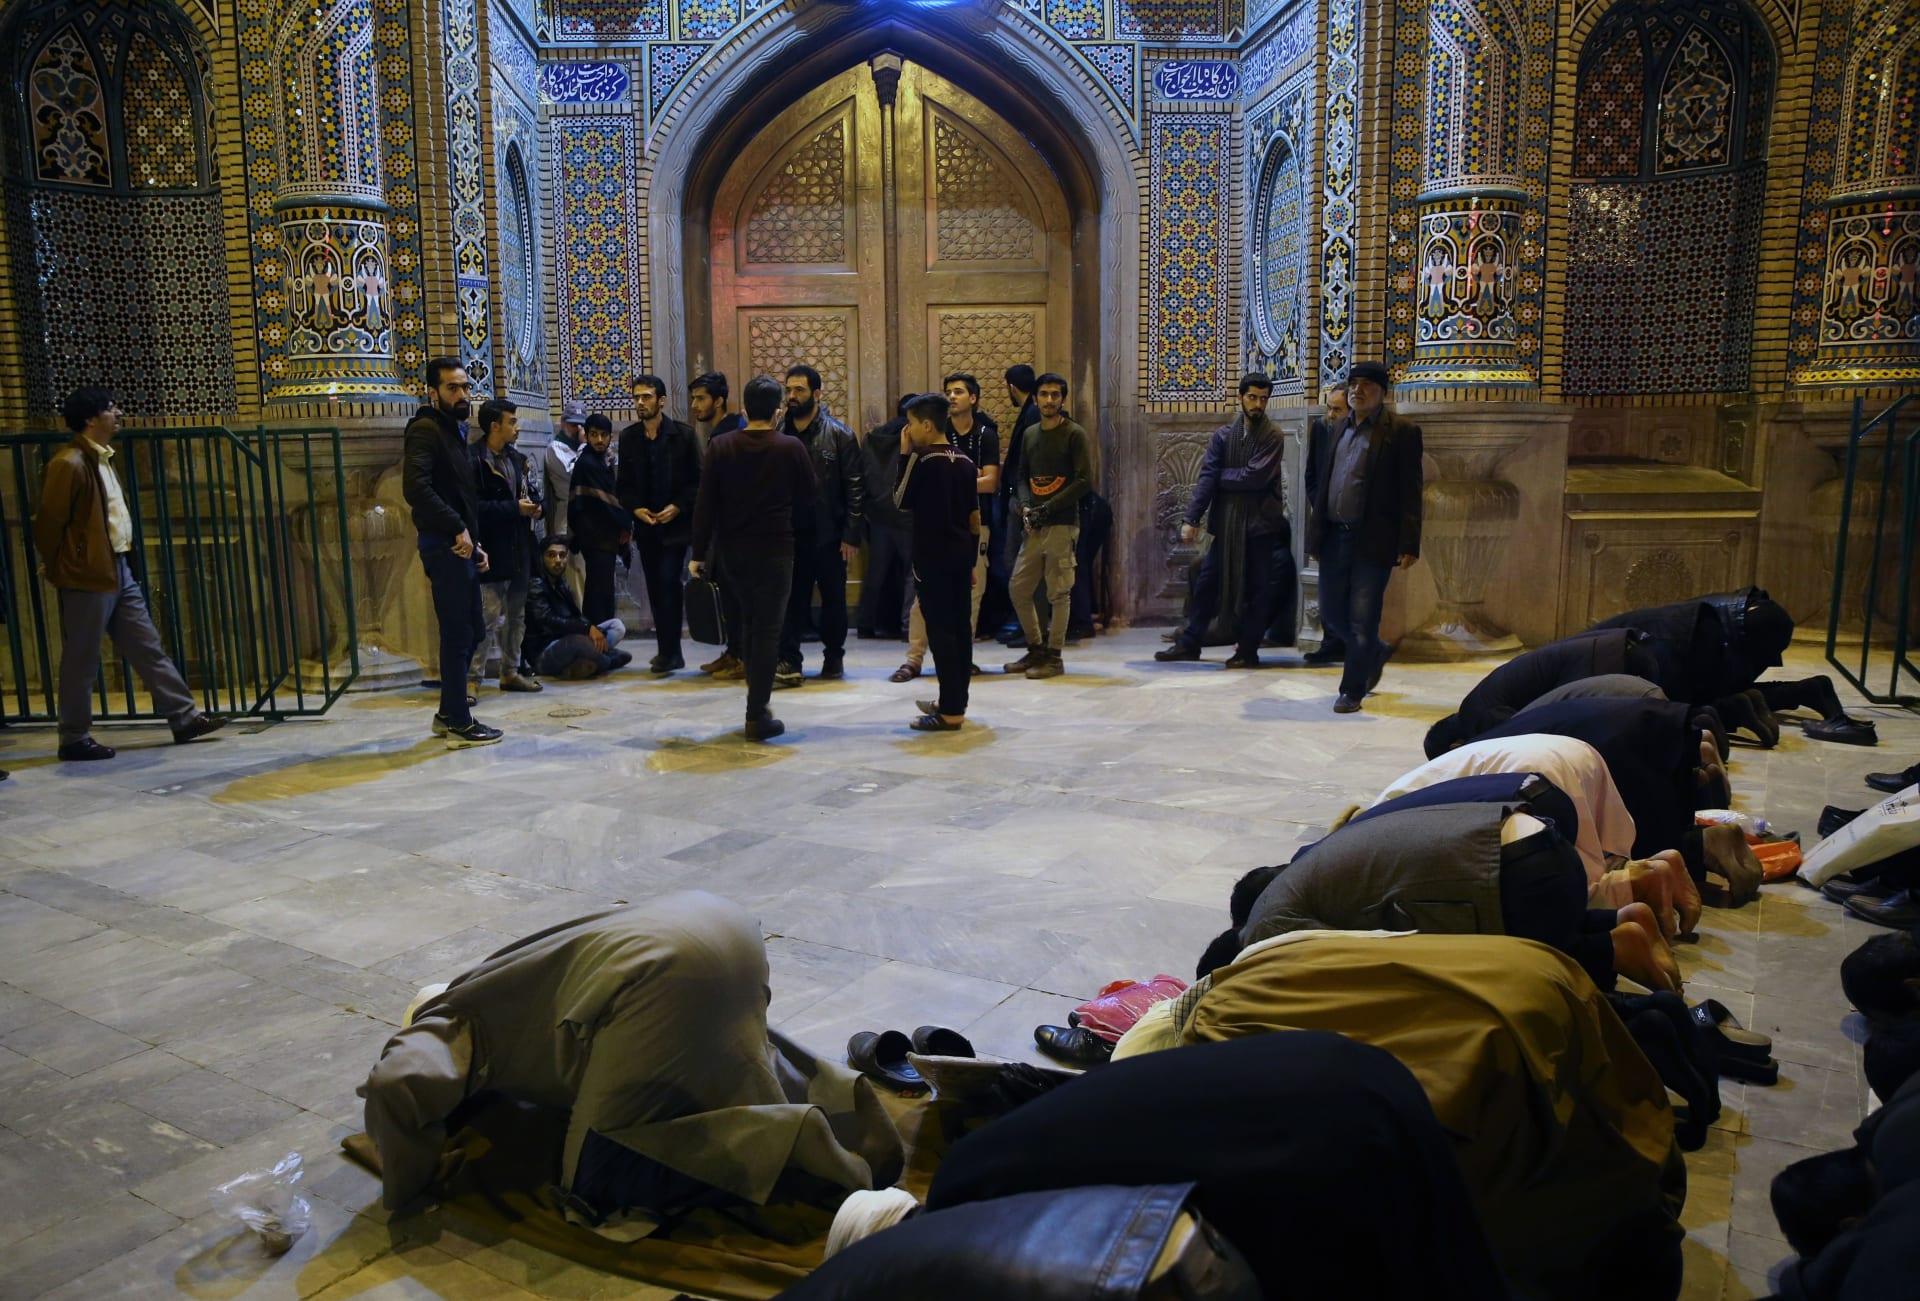 """فيديو """"ملك الموت"""" يجوب شوارع في إيران يثير تفاعلا"""